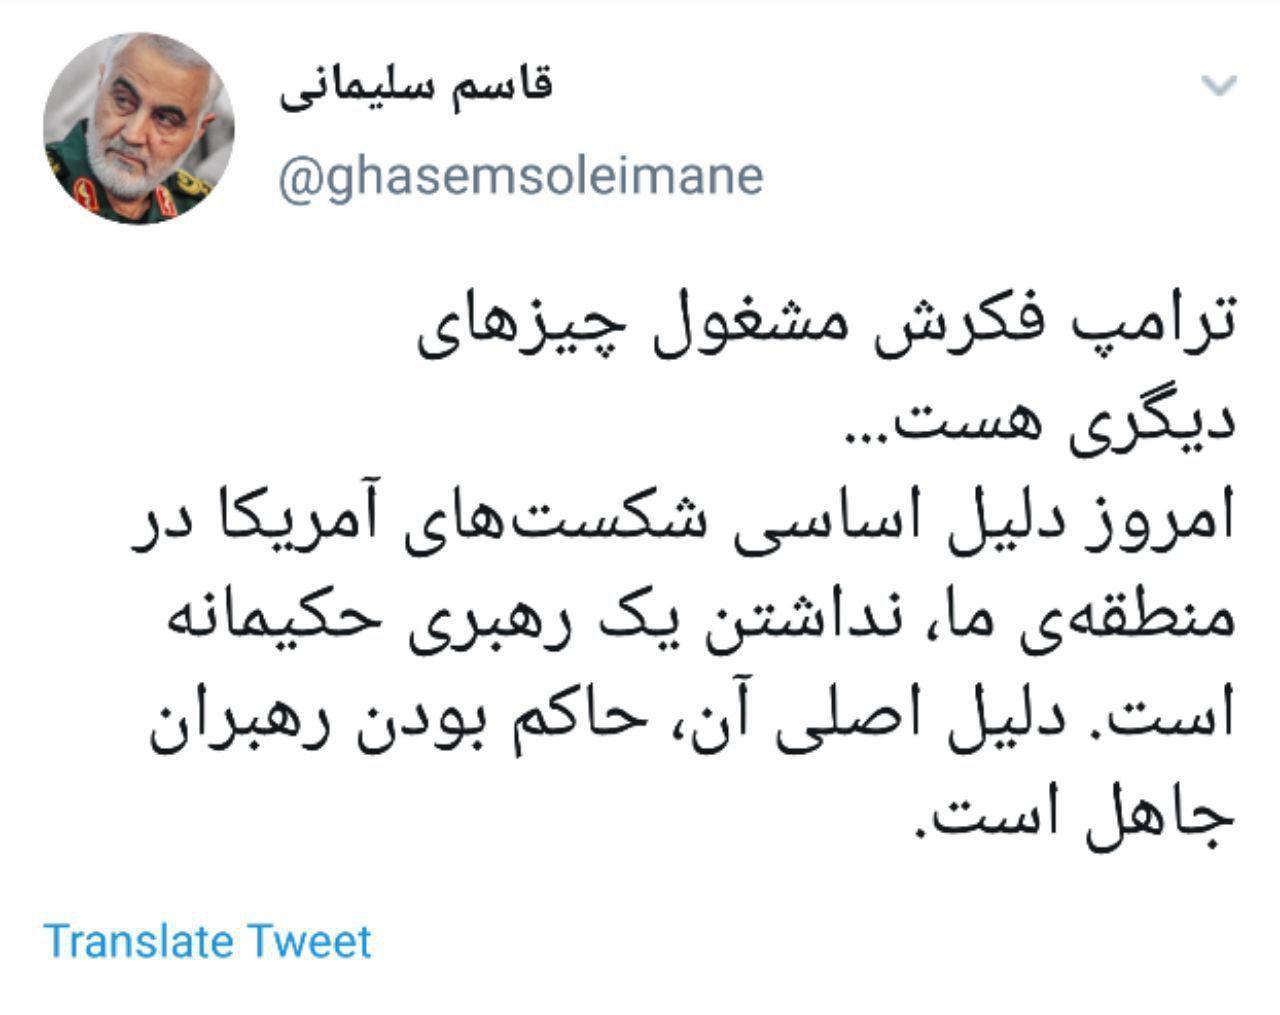 واکنش سردار سلیمانی به ادعای ترامپ درباره ساقط کردن پهپاد ایران +عکس